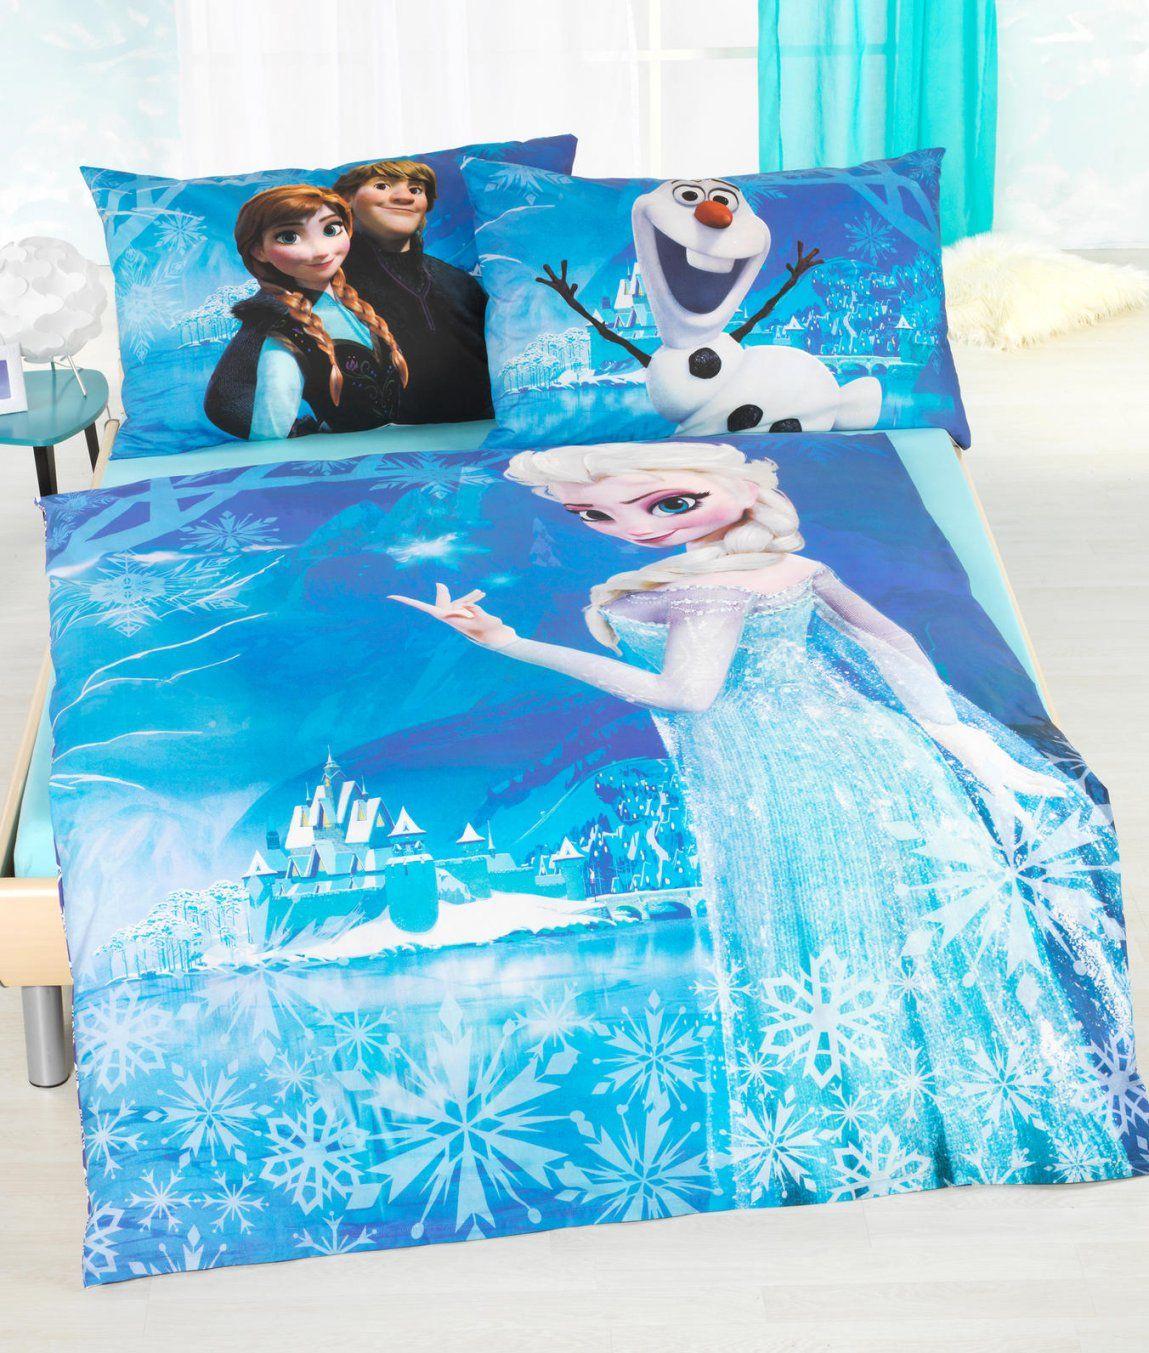 Kinderbettwäsche Garnitur Frozen Kaufen  Angela Bruderer Onlineshop von Bettwäsche Eiskönigin Aldi Photo